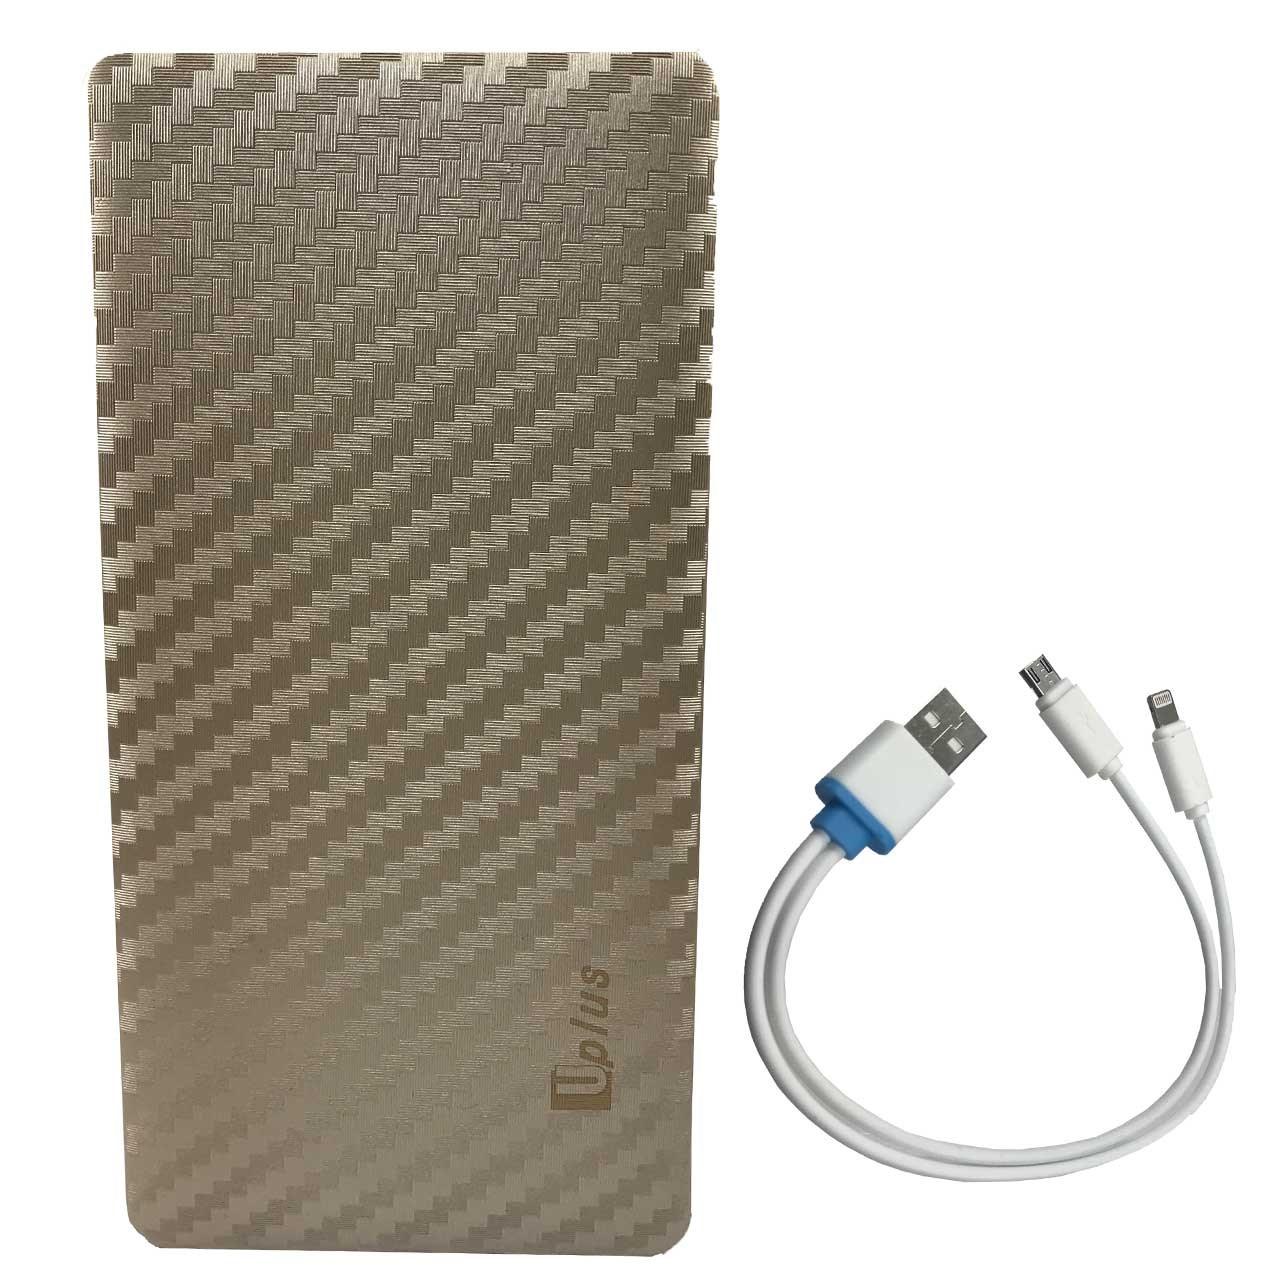 شارژر همراه یو پلاس مدل UP-PB806 با ظرفیت 6000 میلی آمپر  به همراه کابل لایتنینگ و micro usb